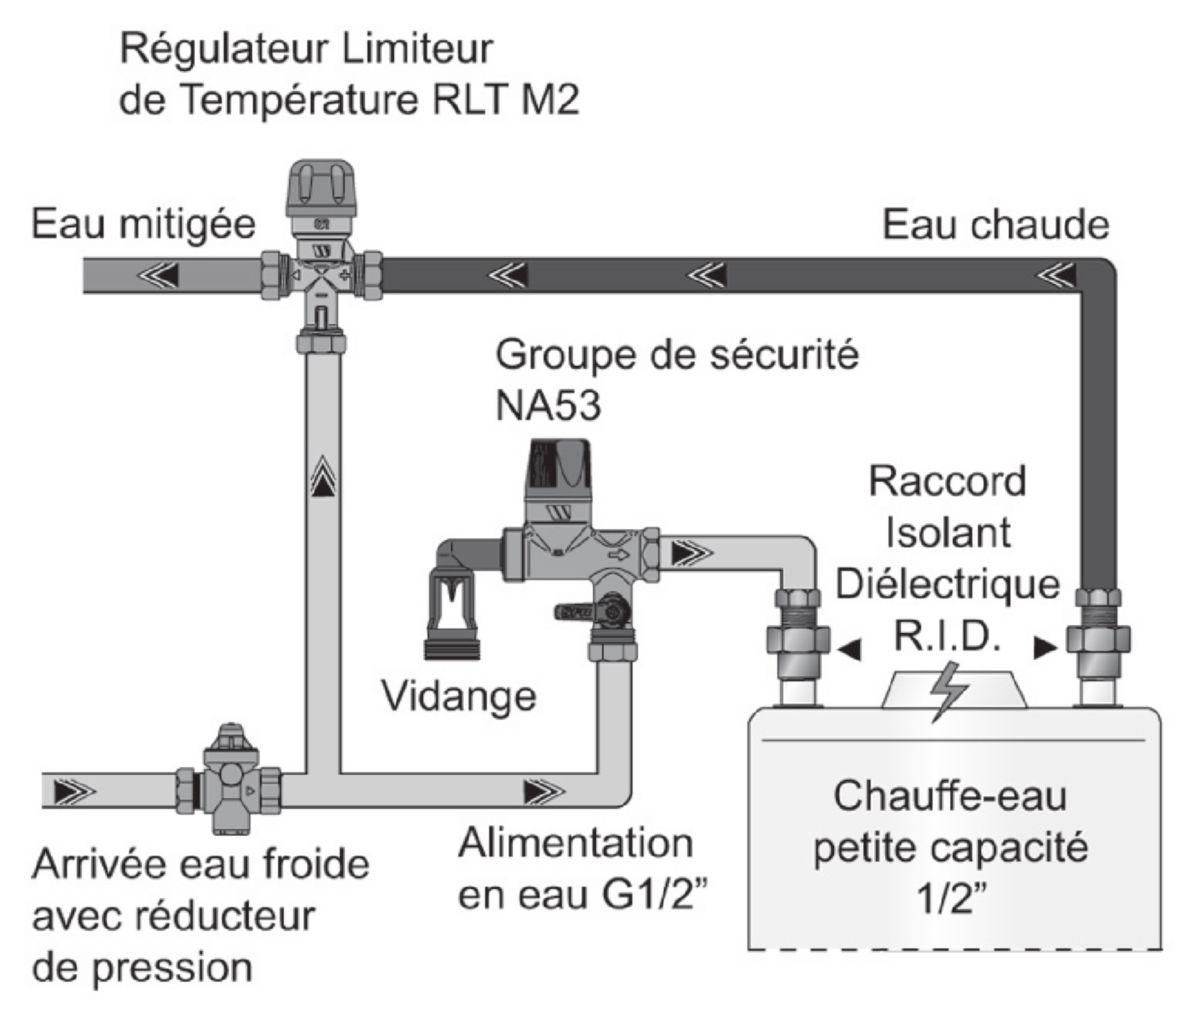 Régulateur limiteur de température RLT MMV 20x27 2297009M2